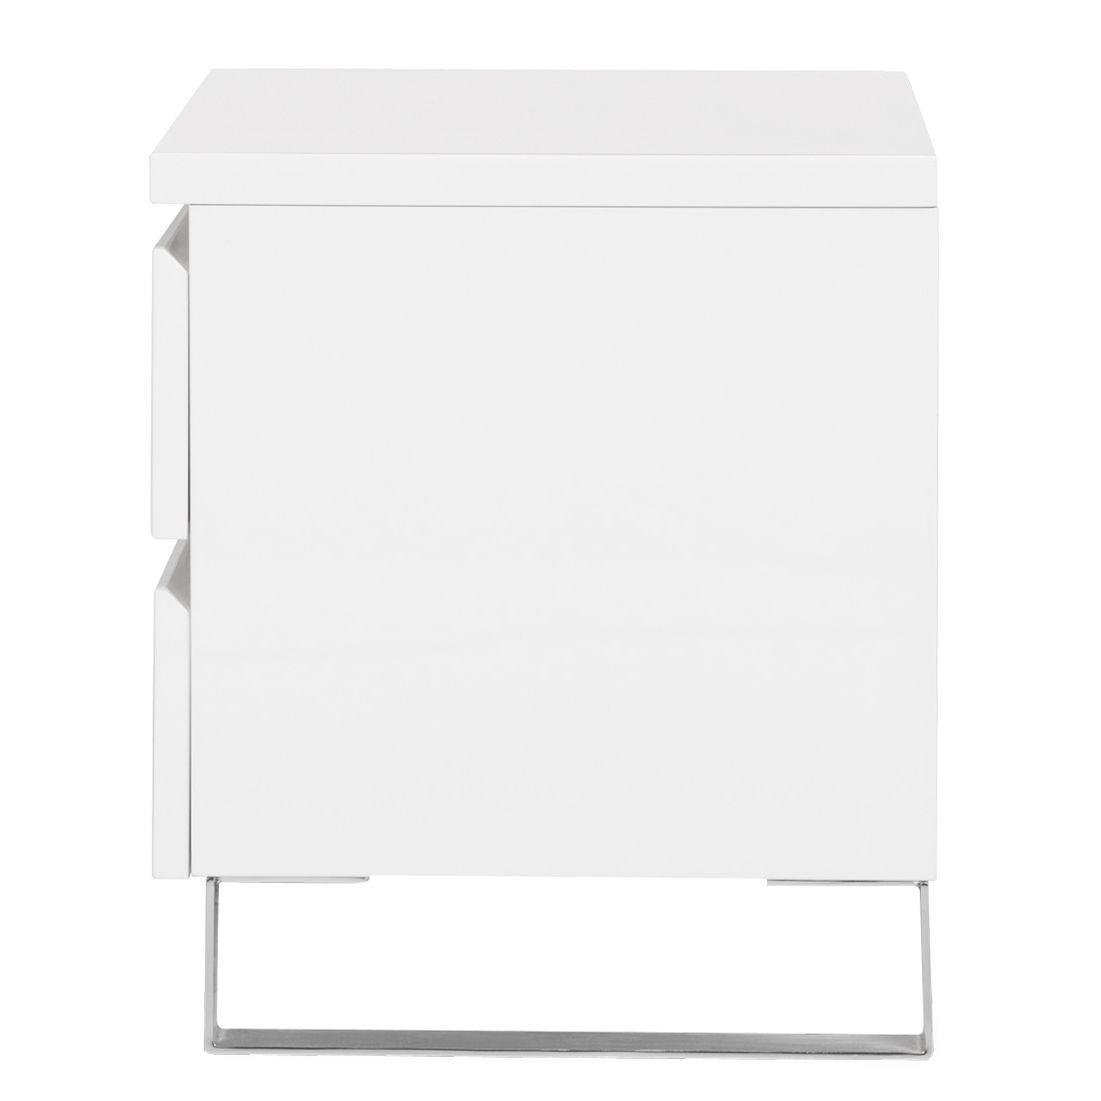 nachtkommode bianco i hochglanz wei nachtkonsole beistelltisch nachttisch ebay. Black Bedroom Furniture Sets. Home Design Ideas